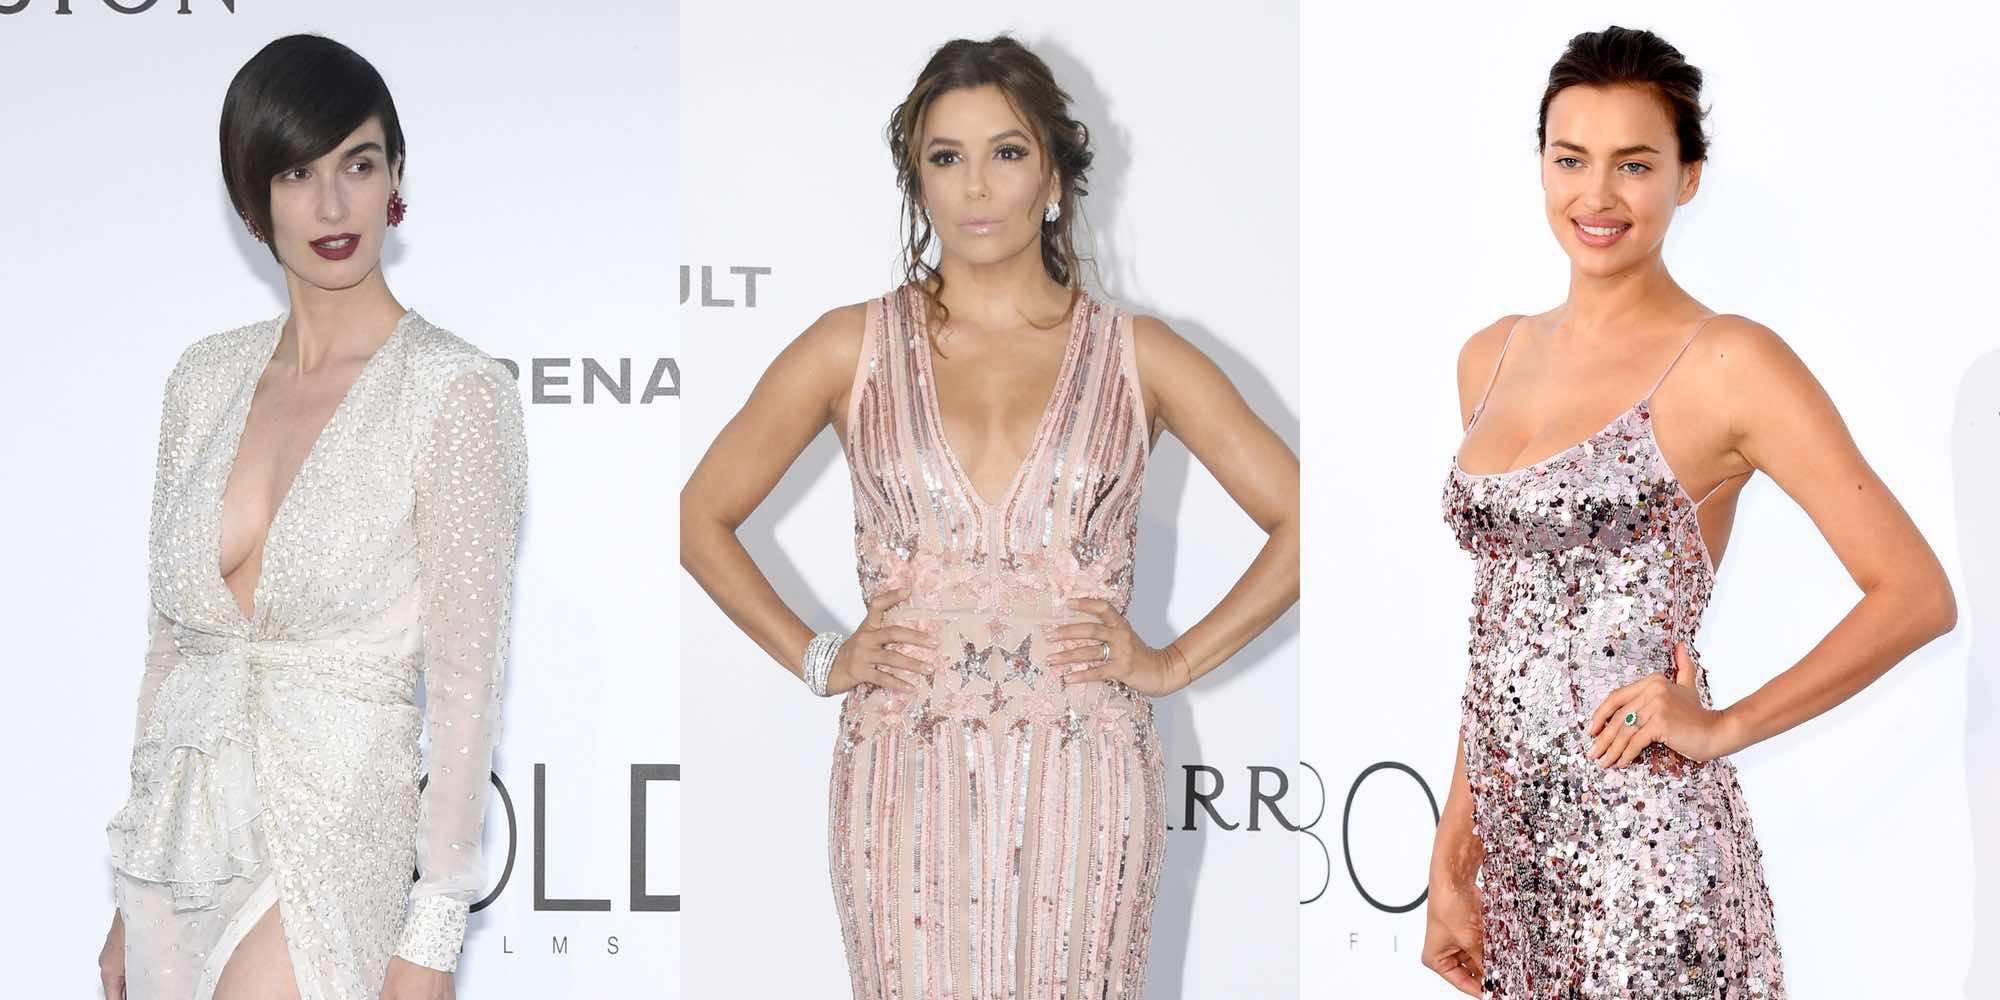 Irina Shayk, Gigi Hadid, Paz Vega y Eva Longoria, guerra de brillos en la Gala amfAR de Cannes 2017